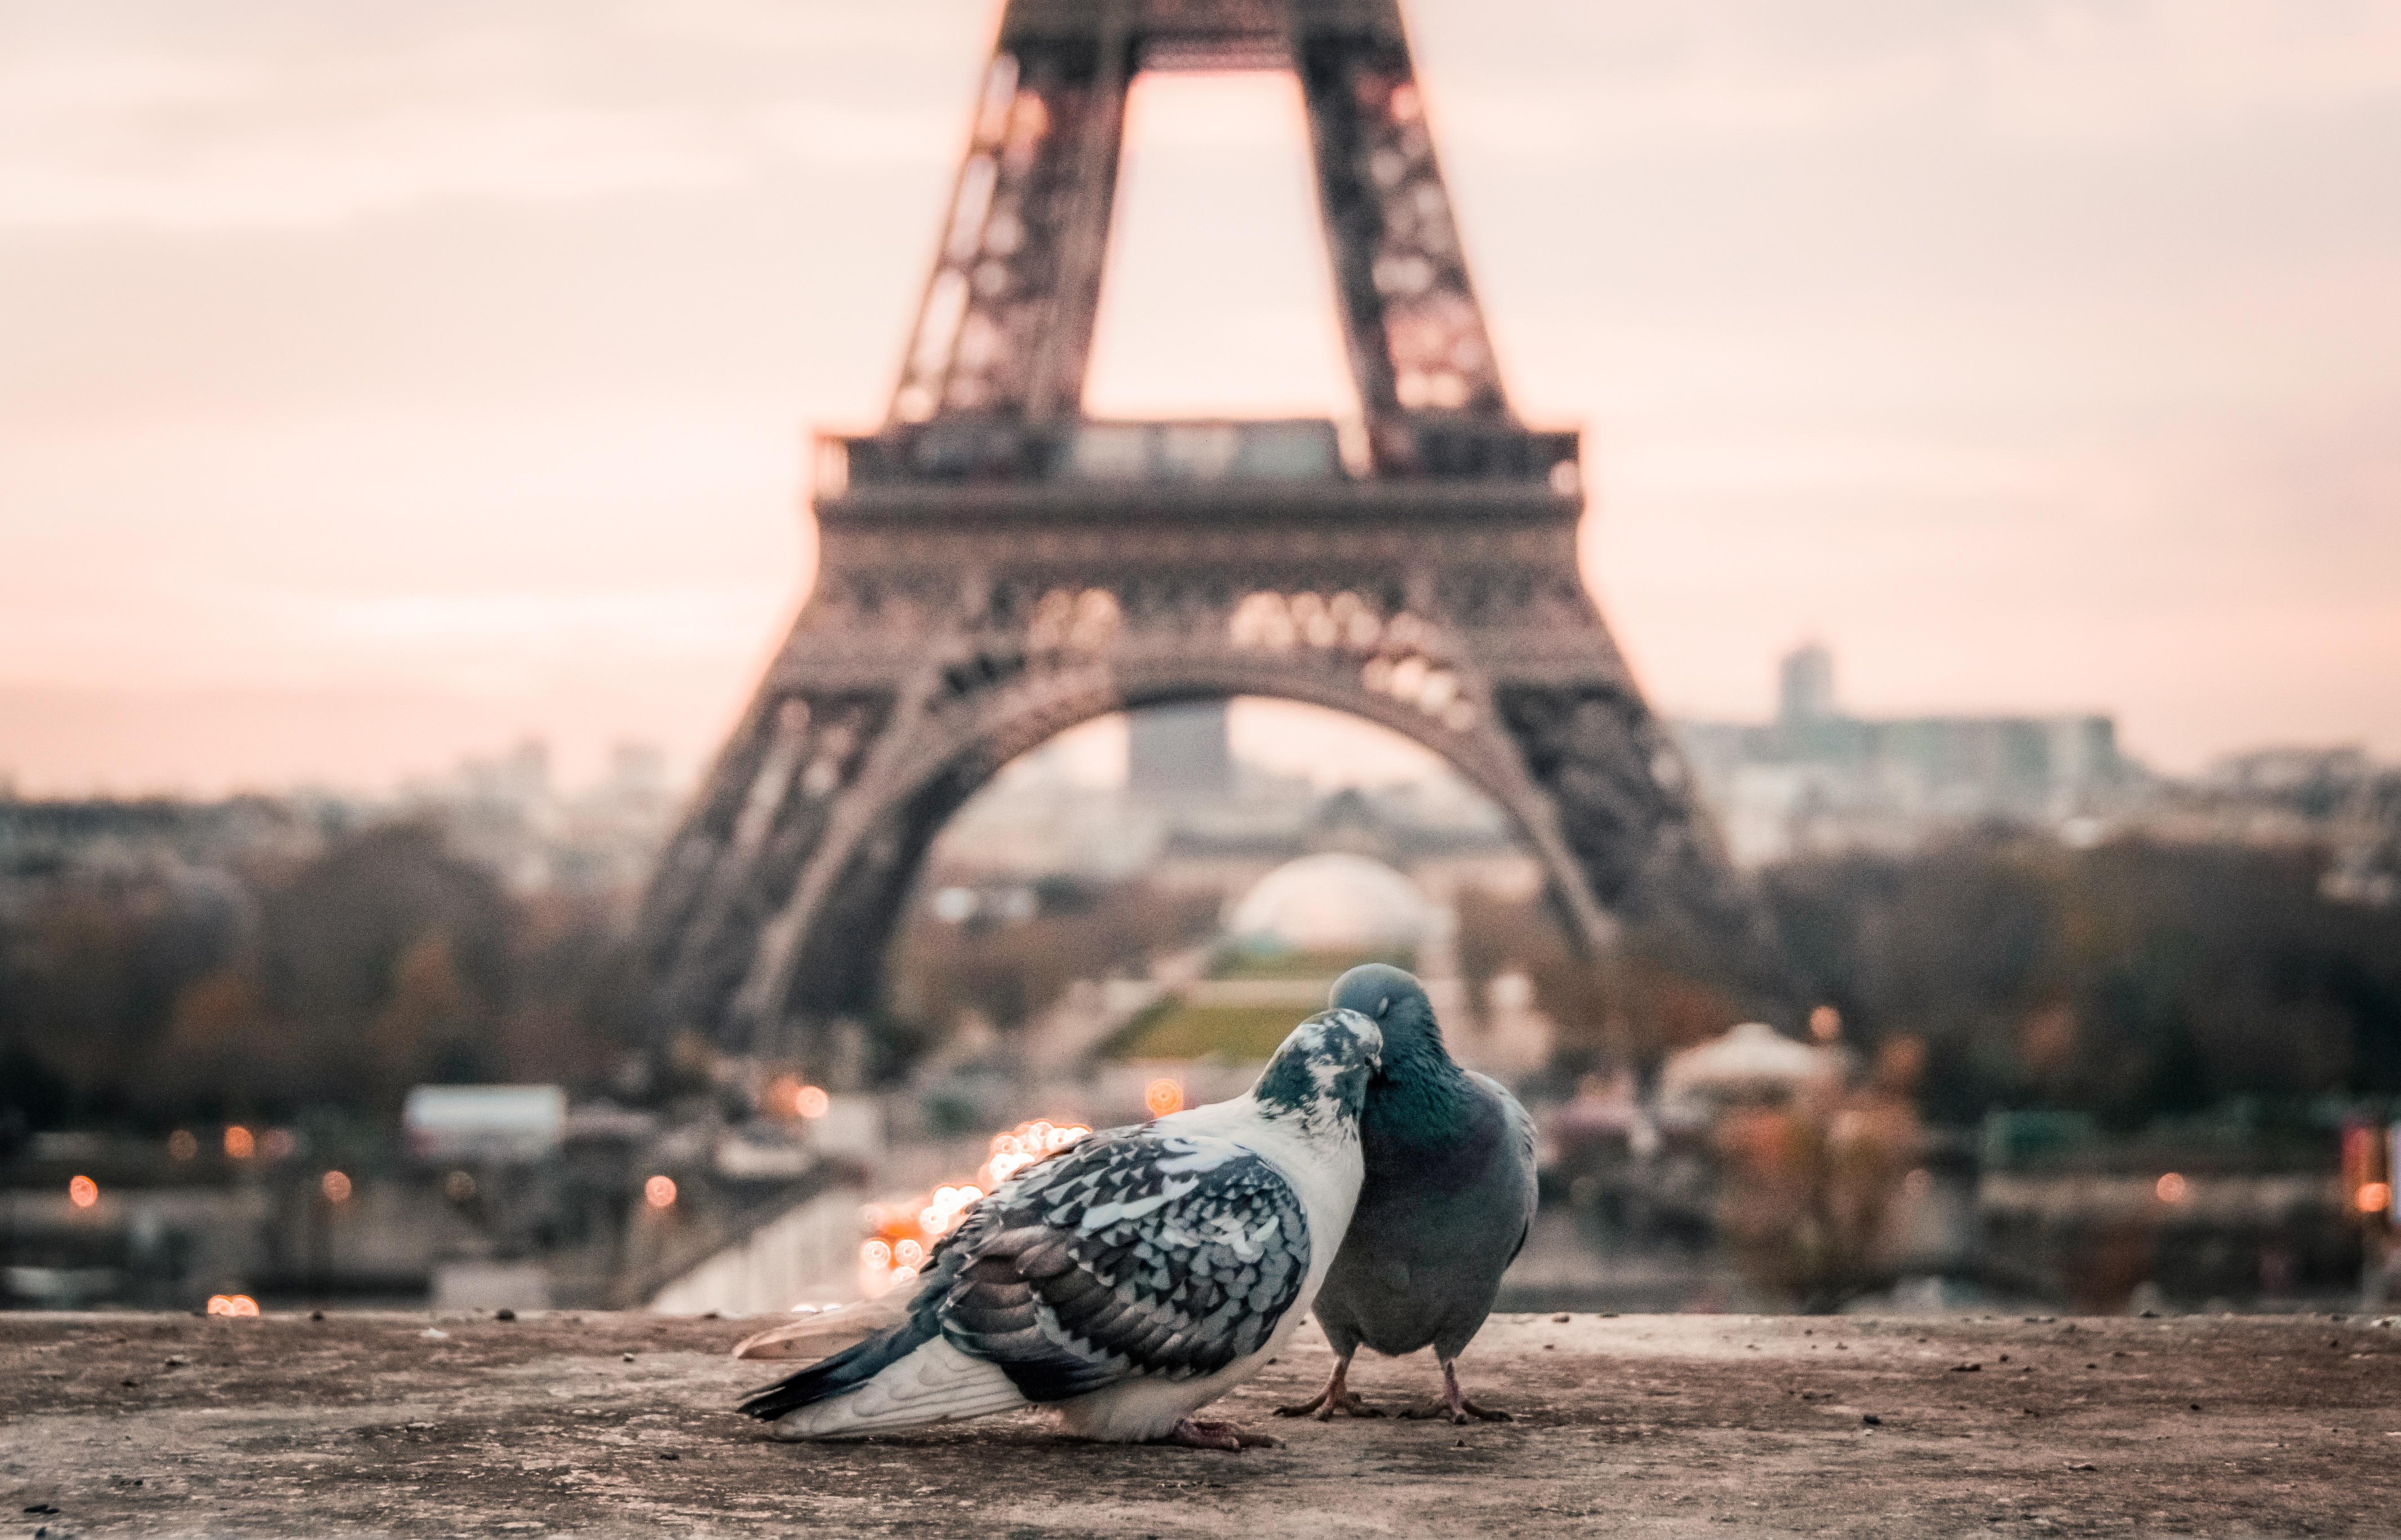 107681 télécharger le fond d'écran Animaux, Pigeons, Coupler, Paire, Tour Eiffel - économiseurs d'écran et images gratuitement